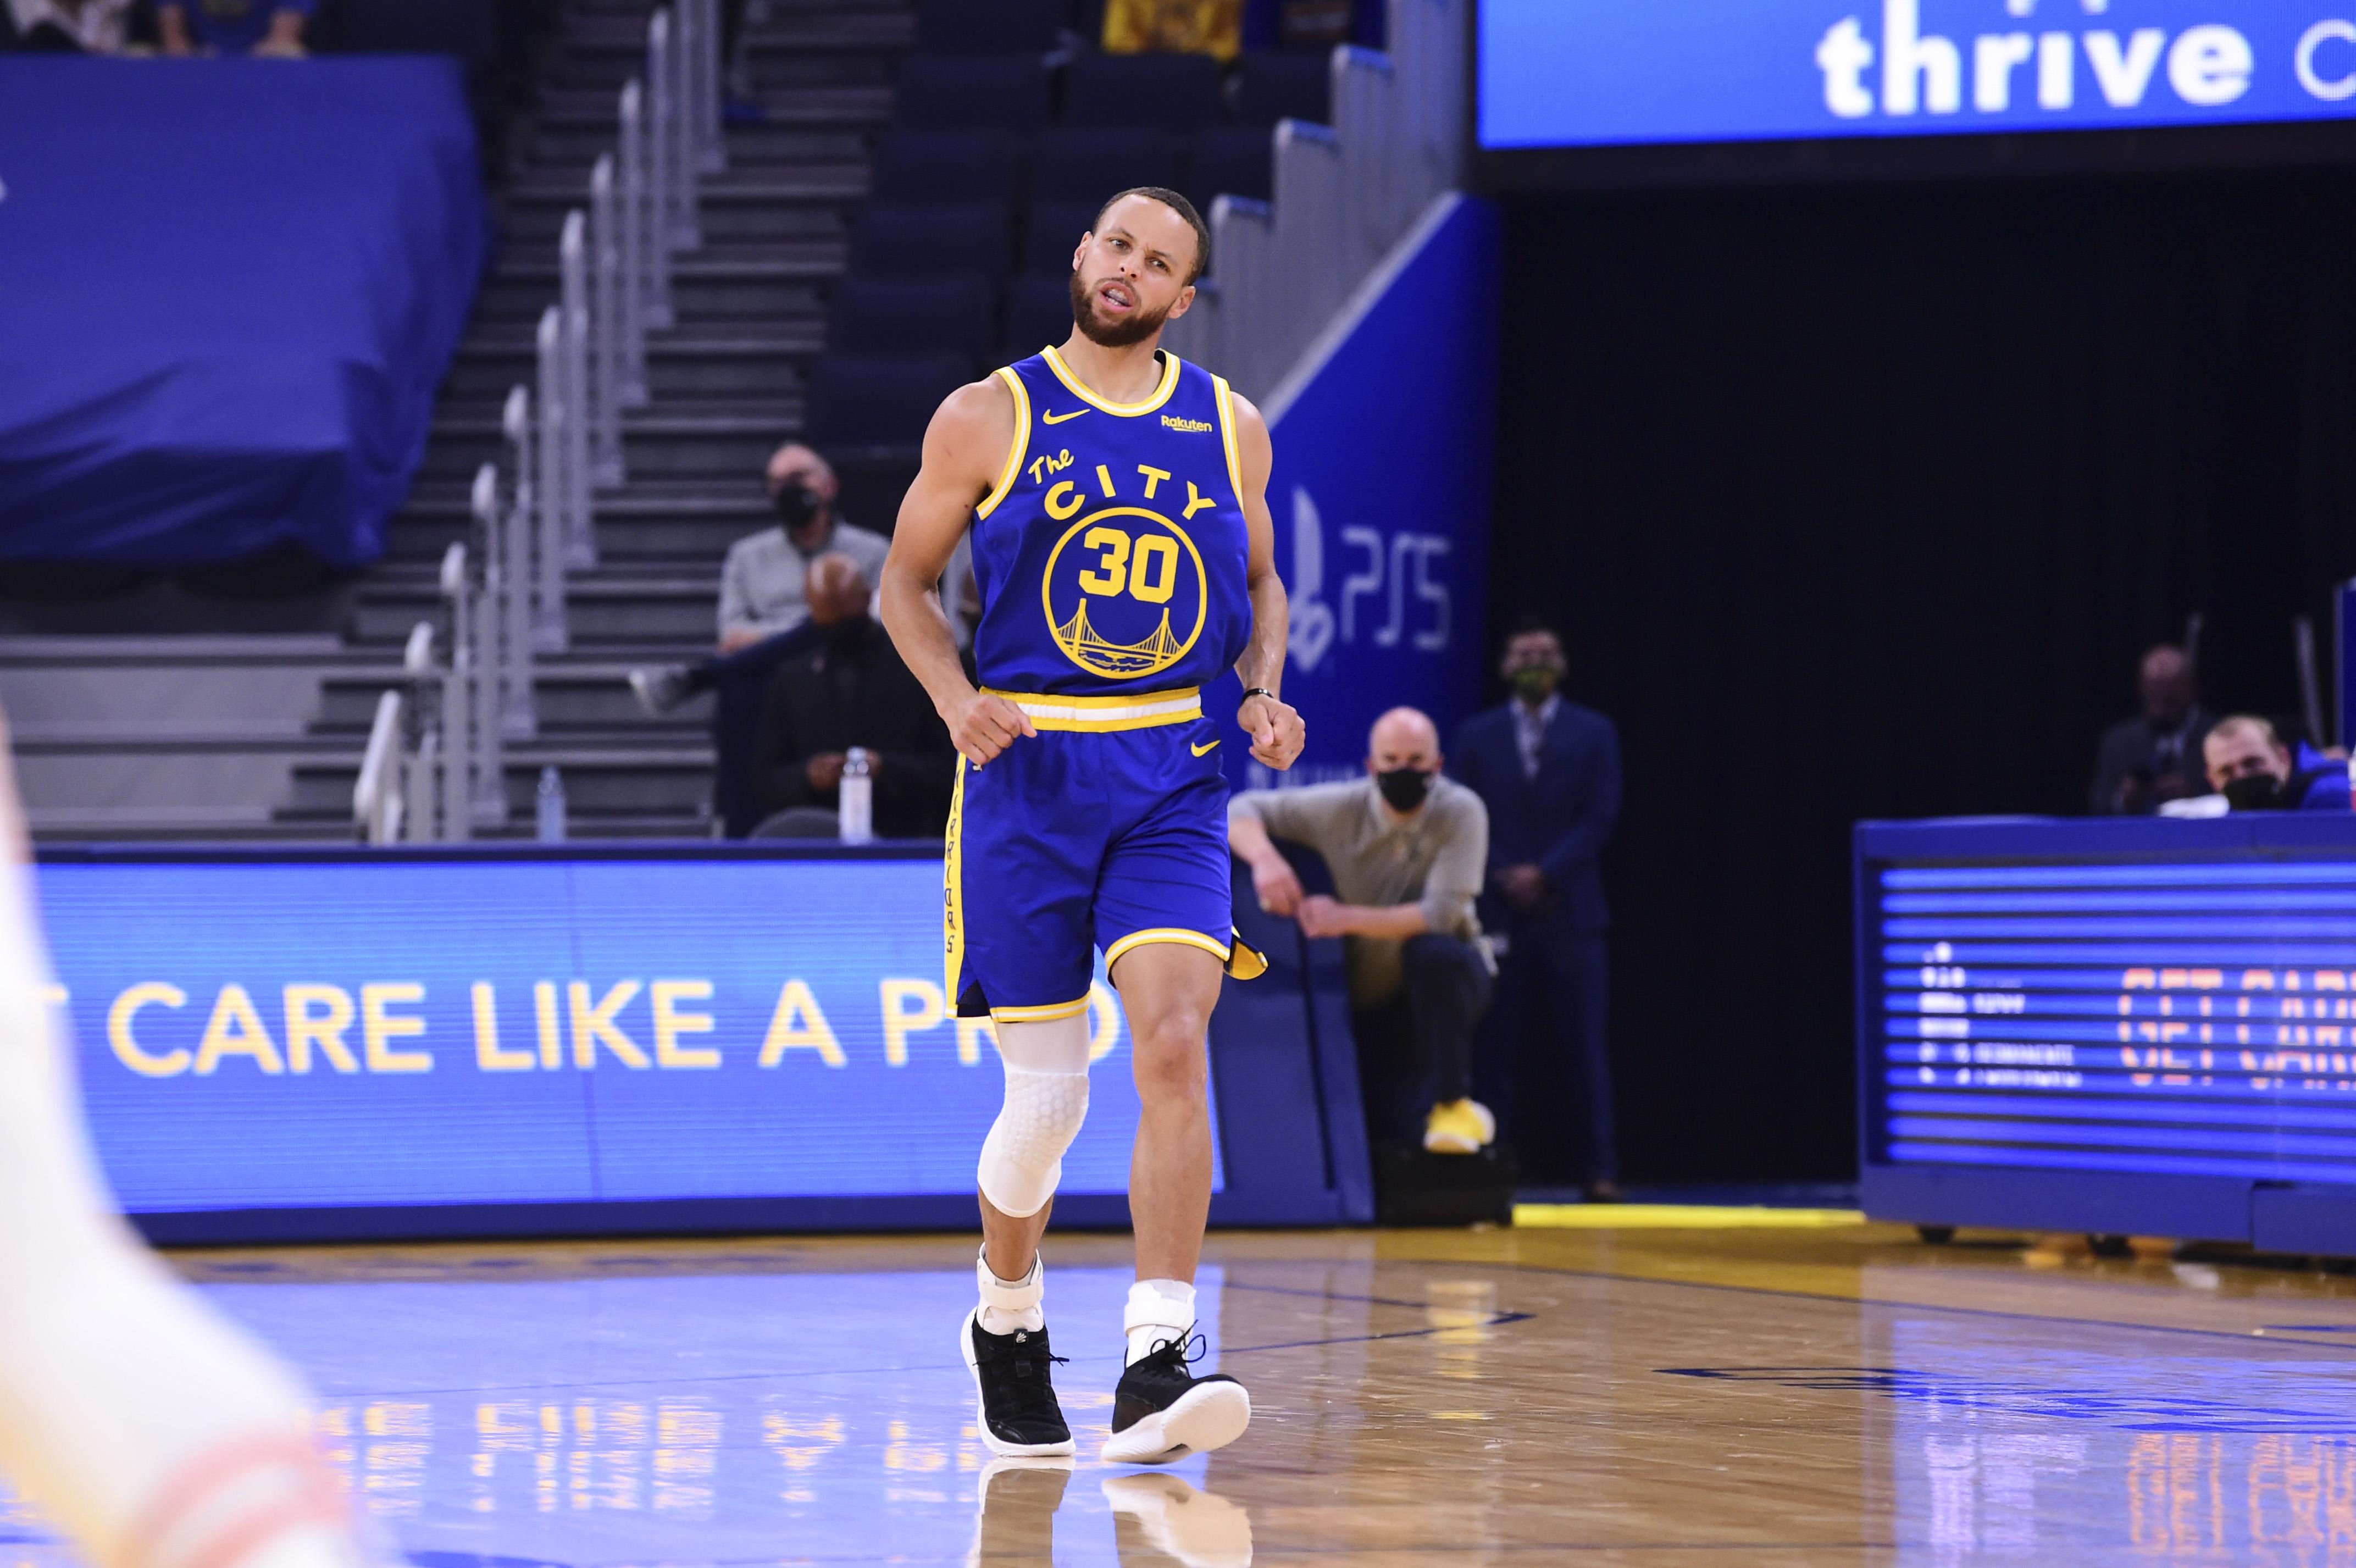 2021年5月11日,在加州旧金山大通中心,金州勇士队的斯蒂芬·库里在与菲尼克斯太阳队的比赛中回应他的三分球。